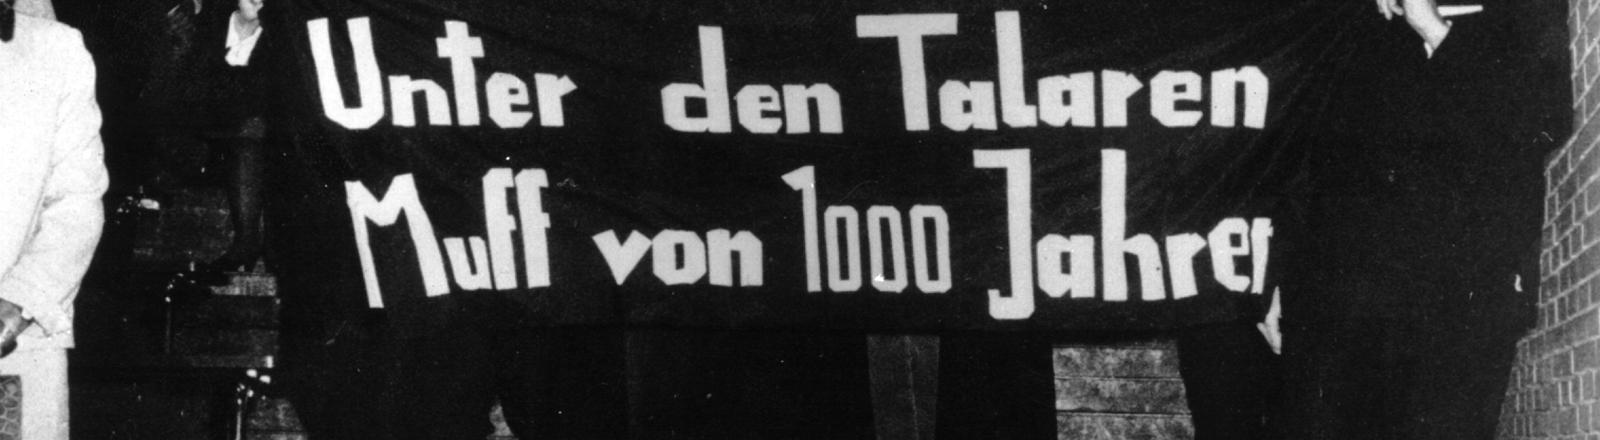 """""""Unter den Talaren - Muff von 1000 Jahren"""" steht auf dem Transparent, das Studenten am 09.11.1967 beim Eintritt des neuen und des alten Rektors der Universität Hamburg ins Auditorium Maximum halten."""